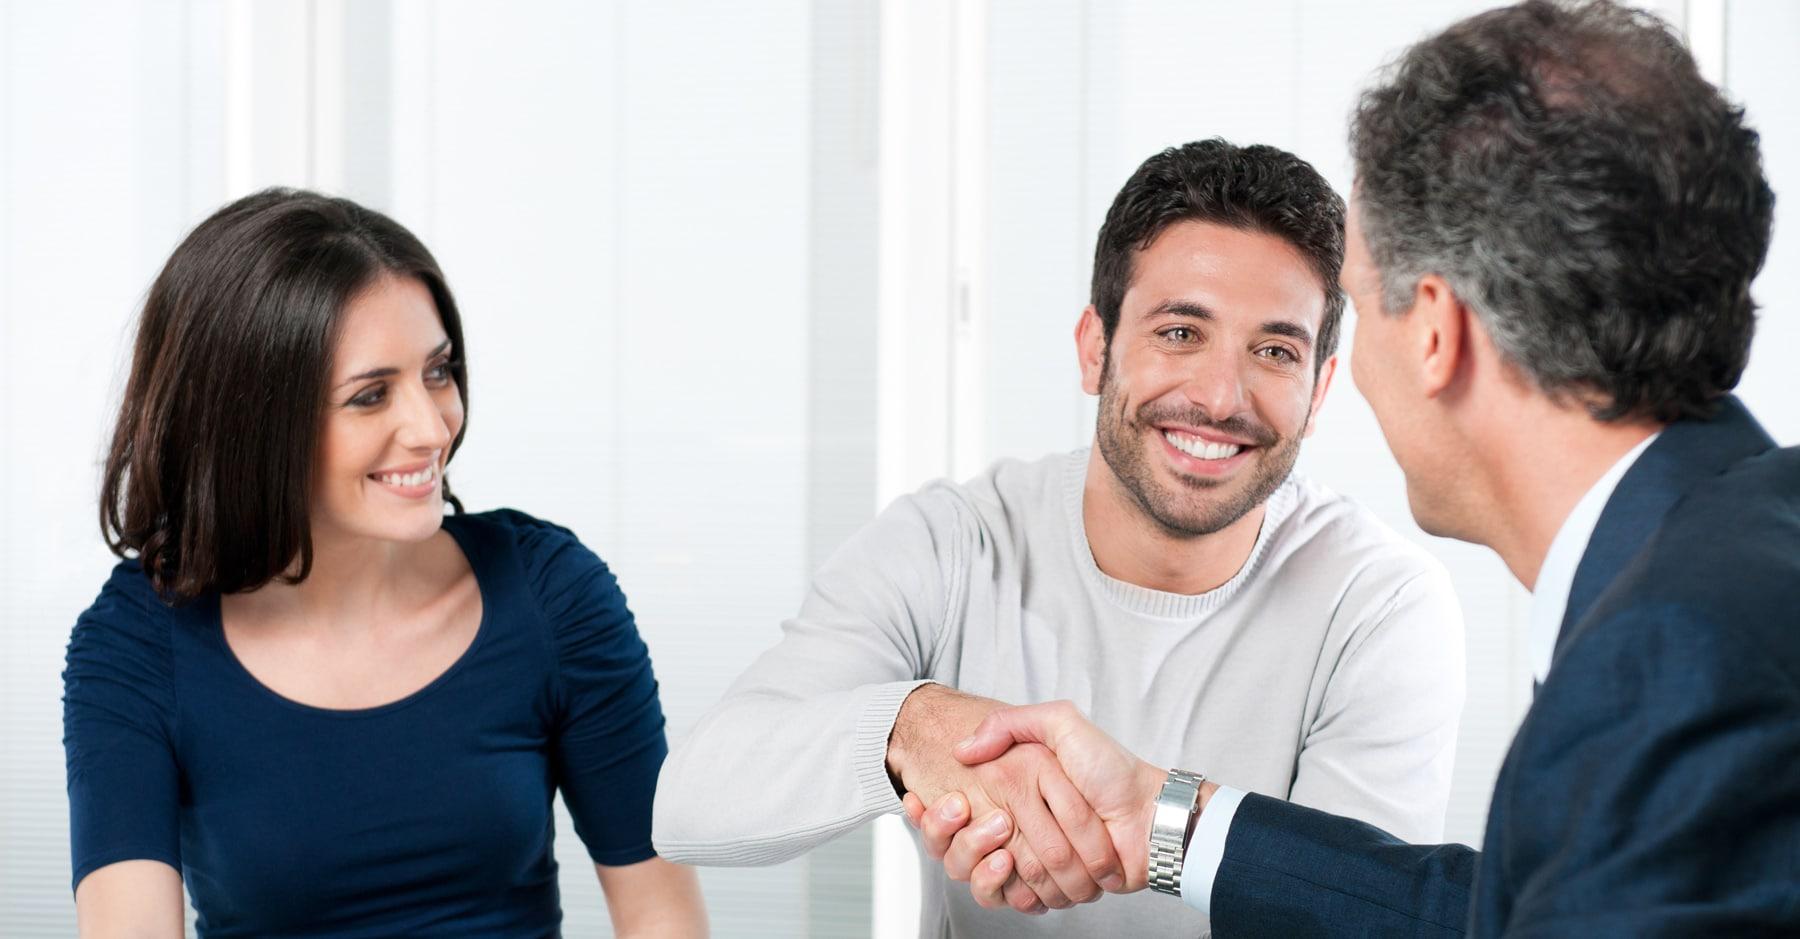 Ankaufsberatung-für-den-Haus-Kauf-Wohnungskauf-Immobilienmakler-Buchholz